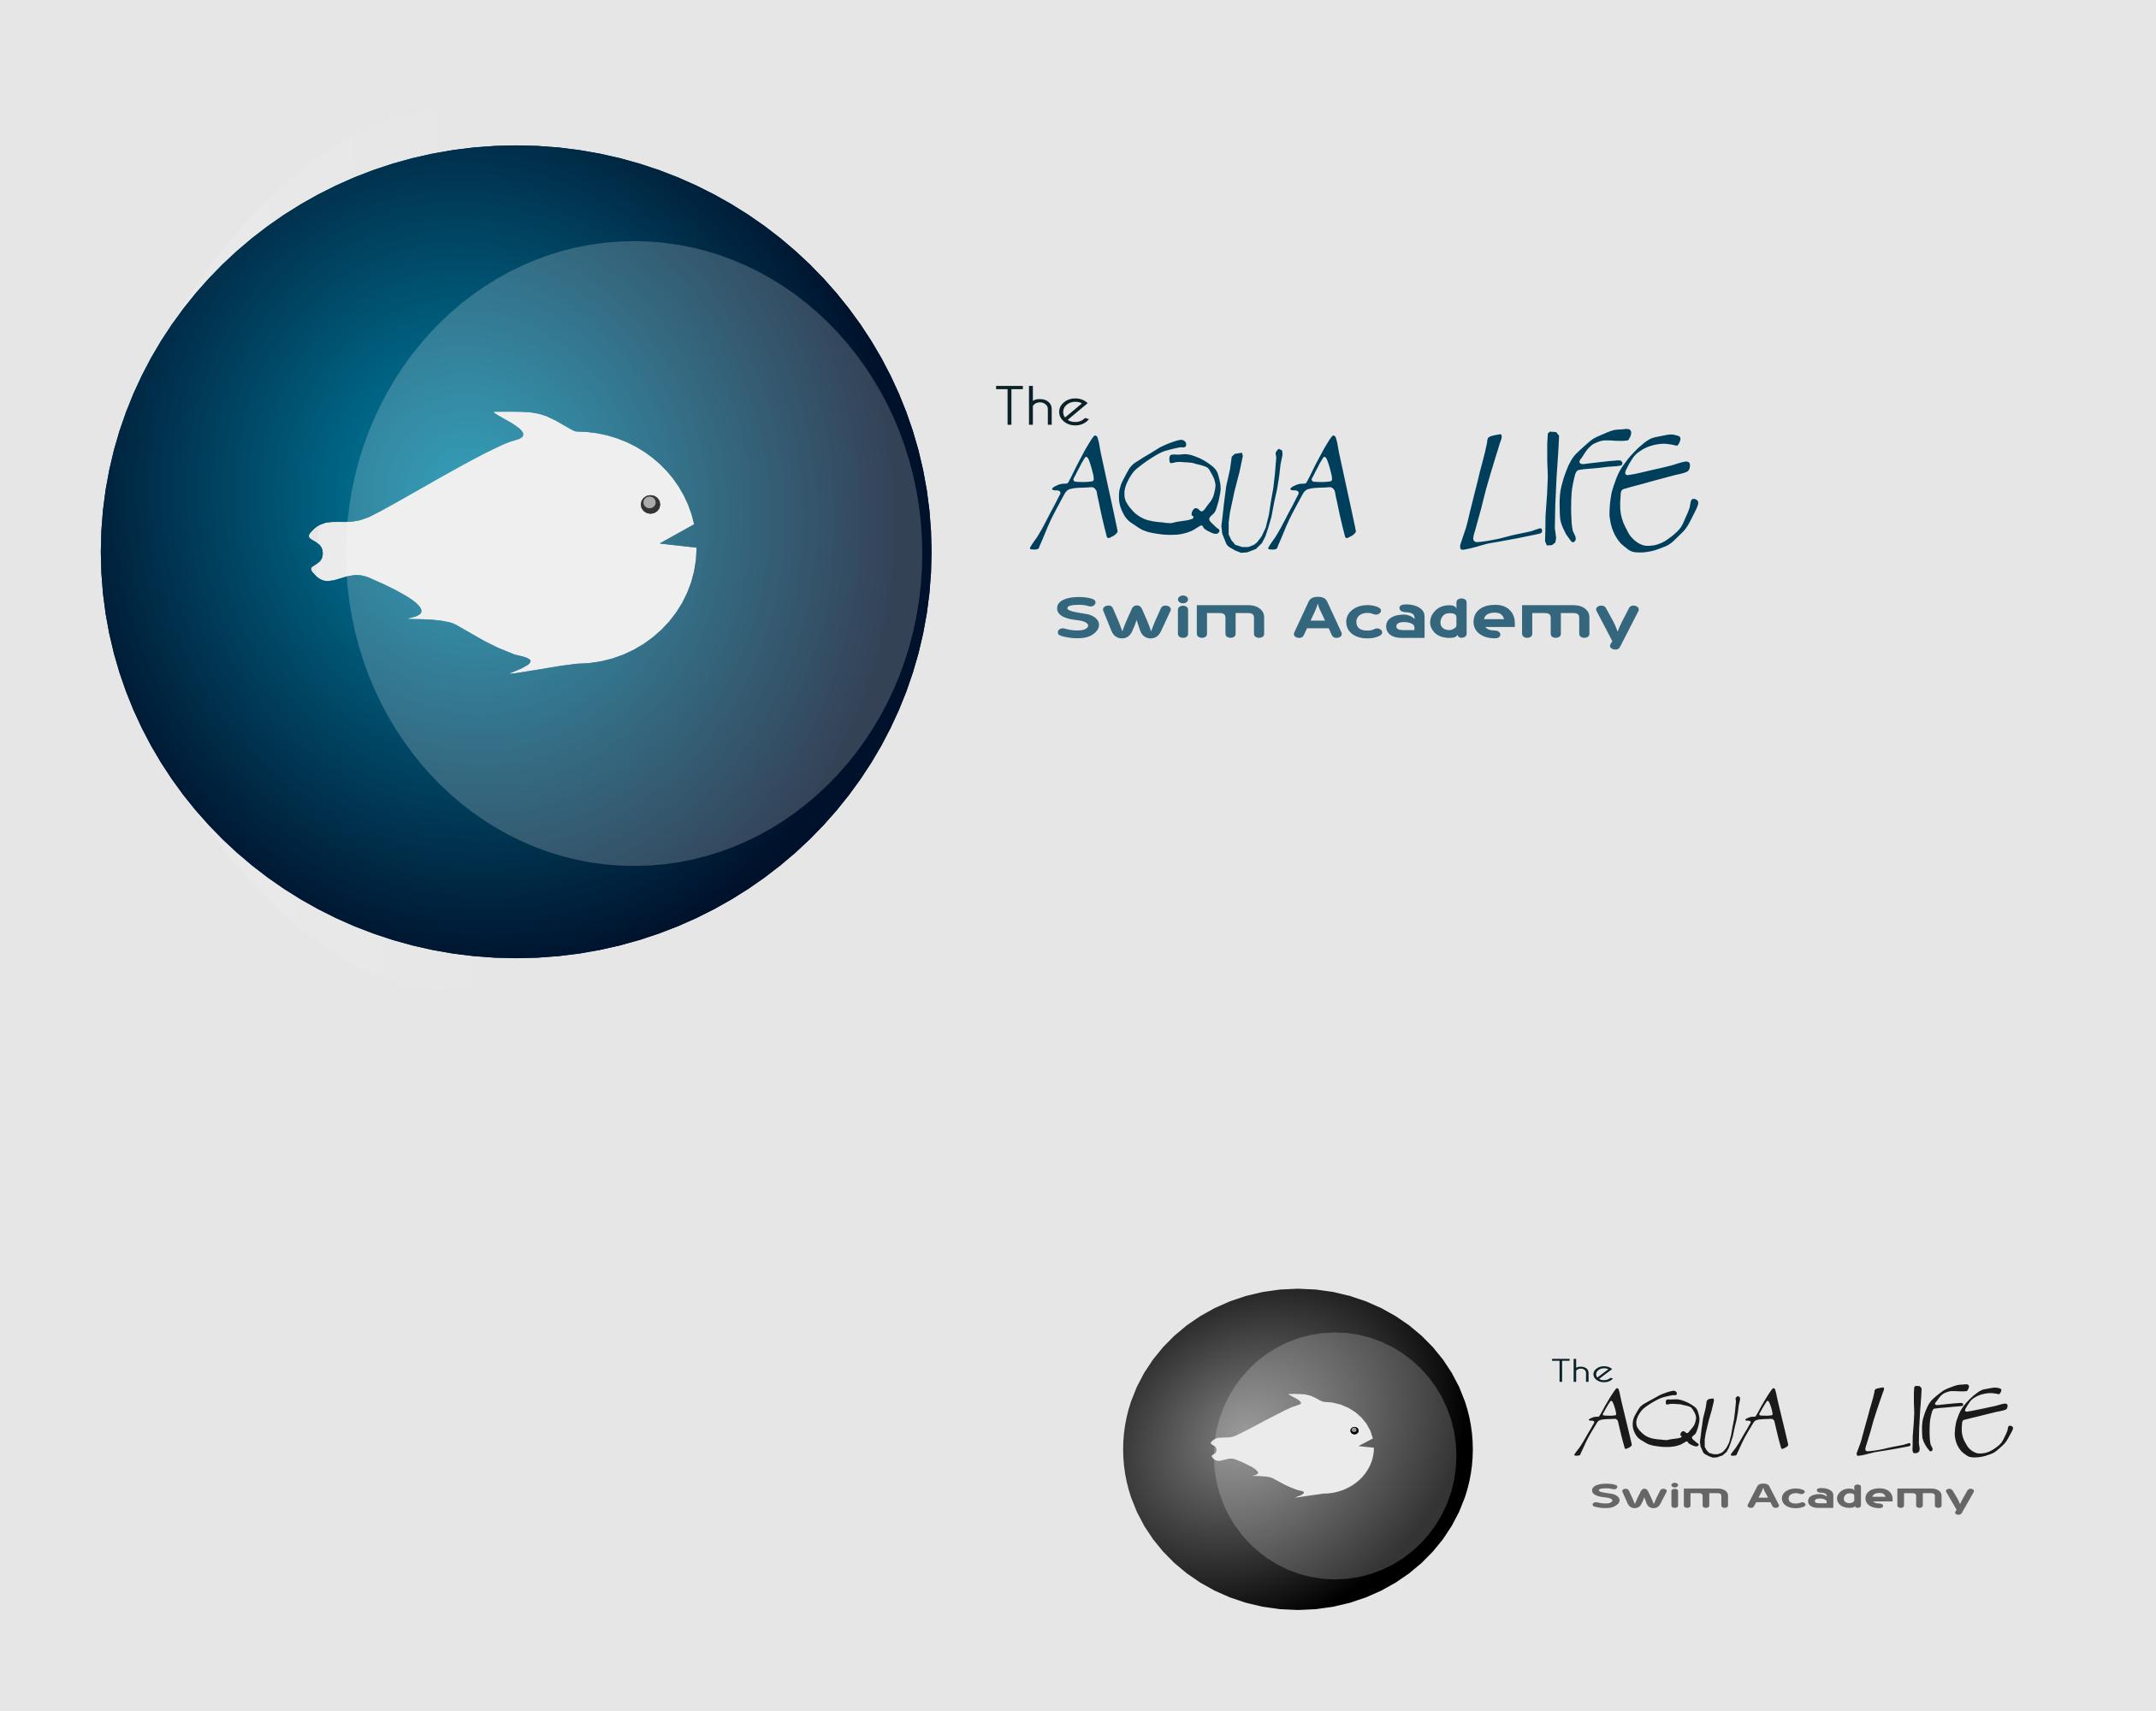 Logo Design by Arindam Khanda - Entry No. 88 in the Logo Design Contest Artistic Logo Design Wanted for The Aqua Life Swim Academy.